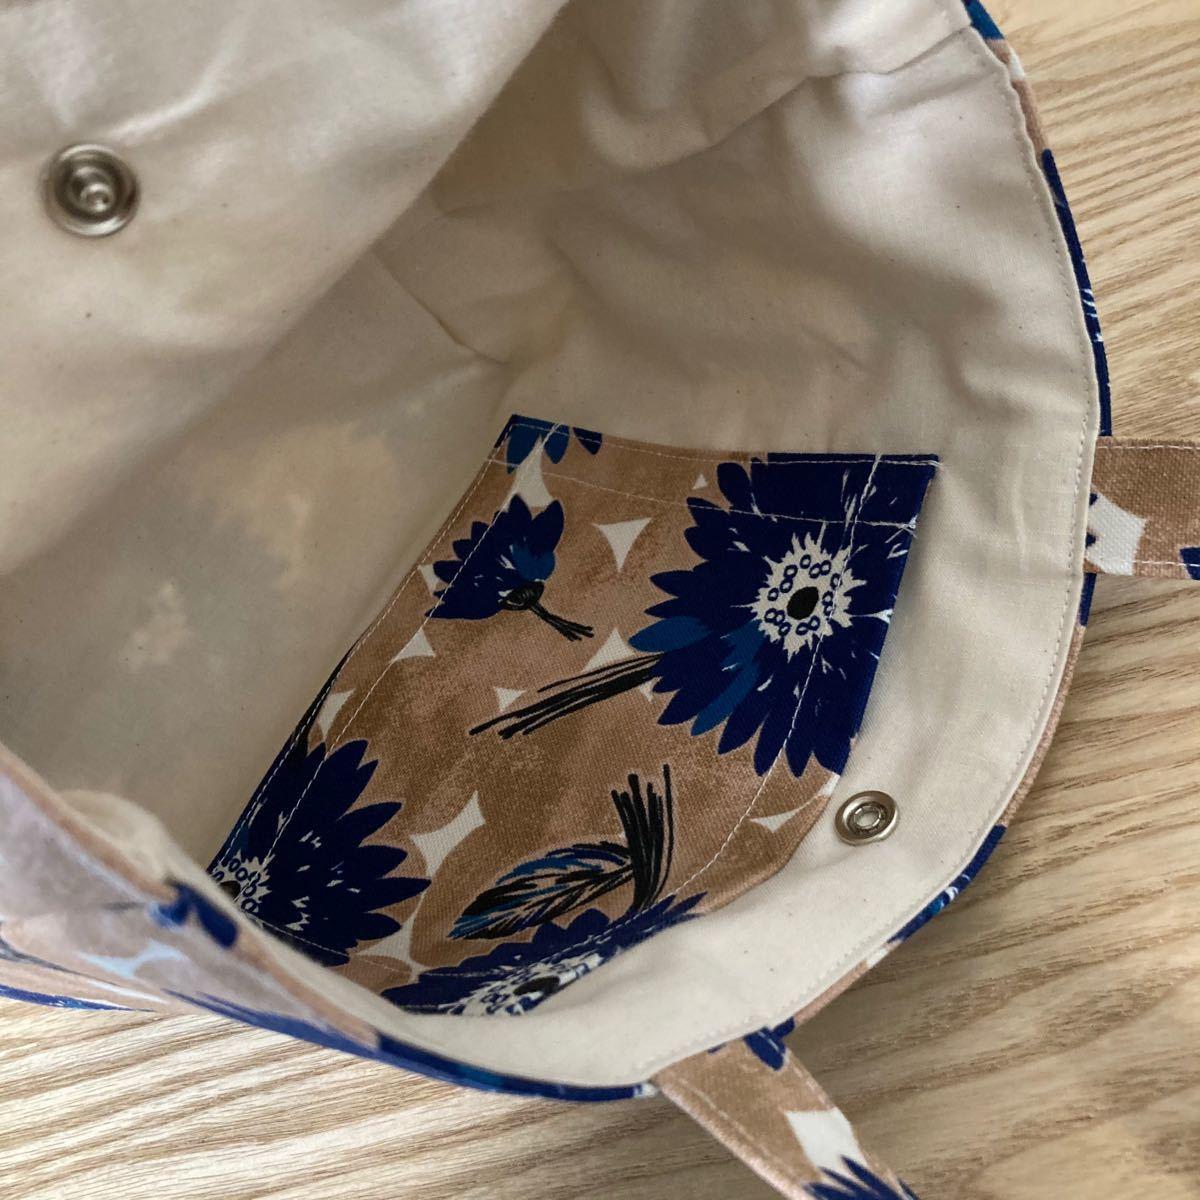 ハンドメイド 高島帆布 ミニトートバッグ ランチバッグ フラワー ブラウン×ブルー